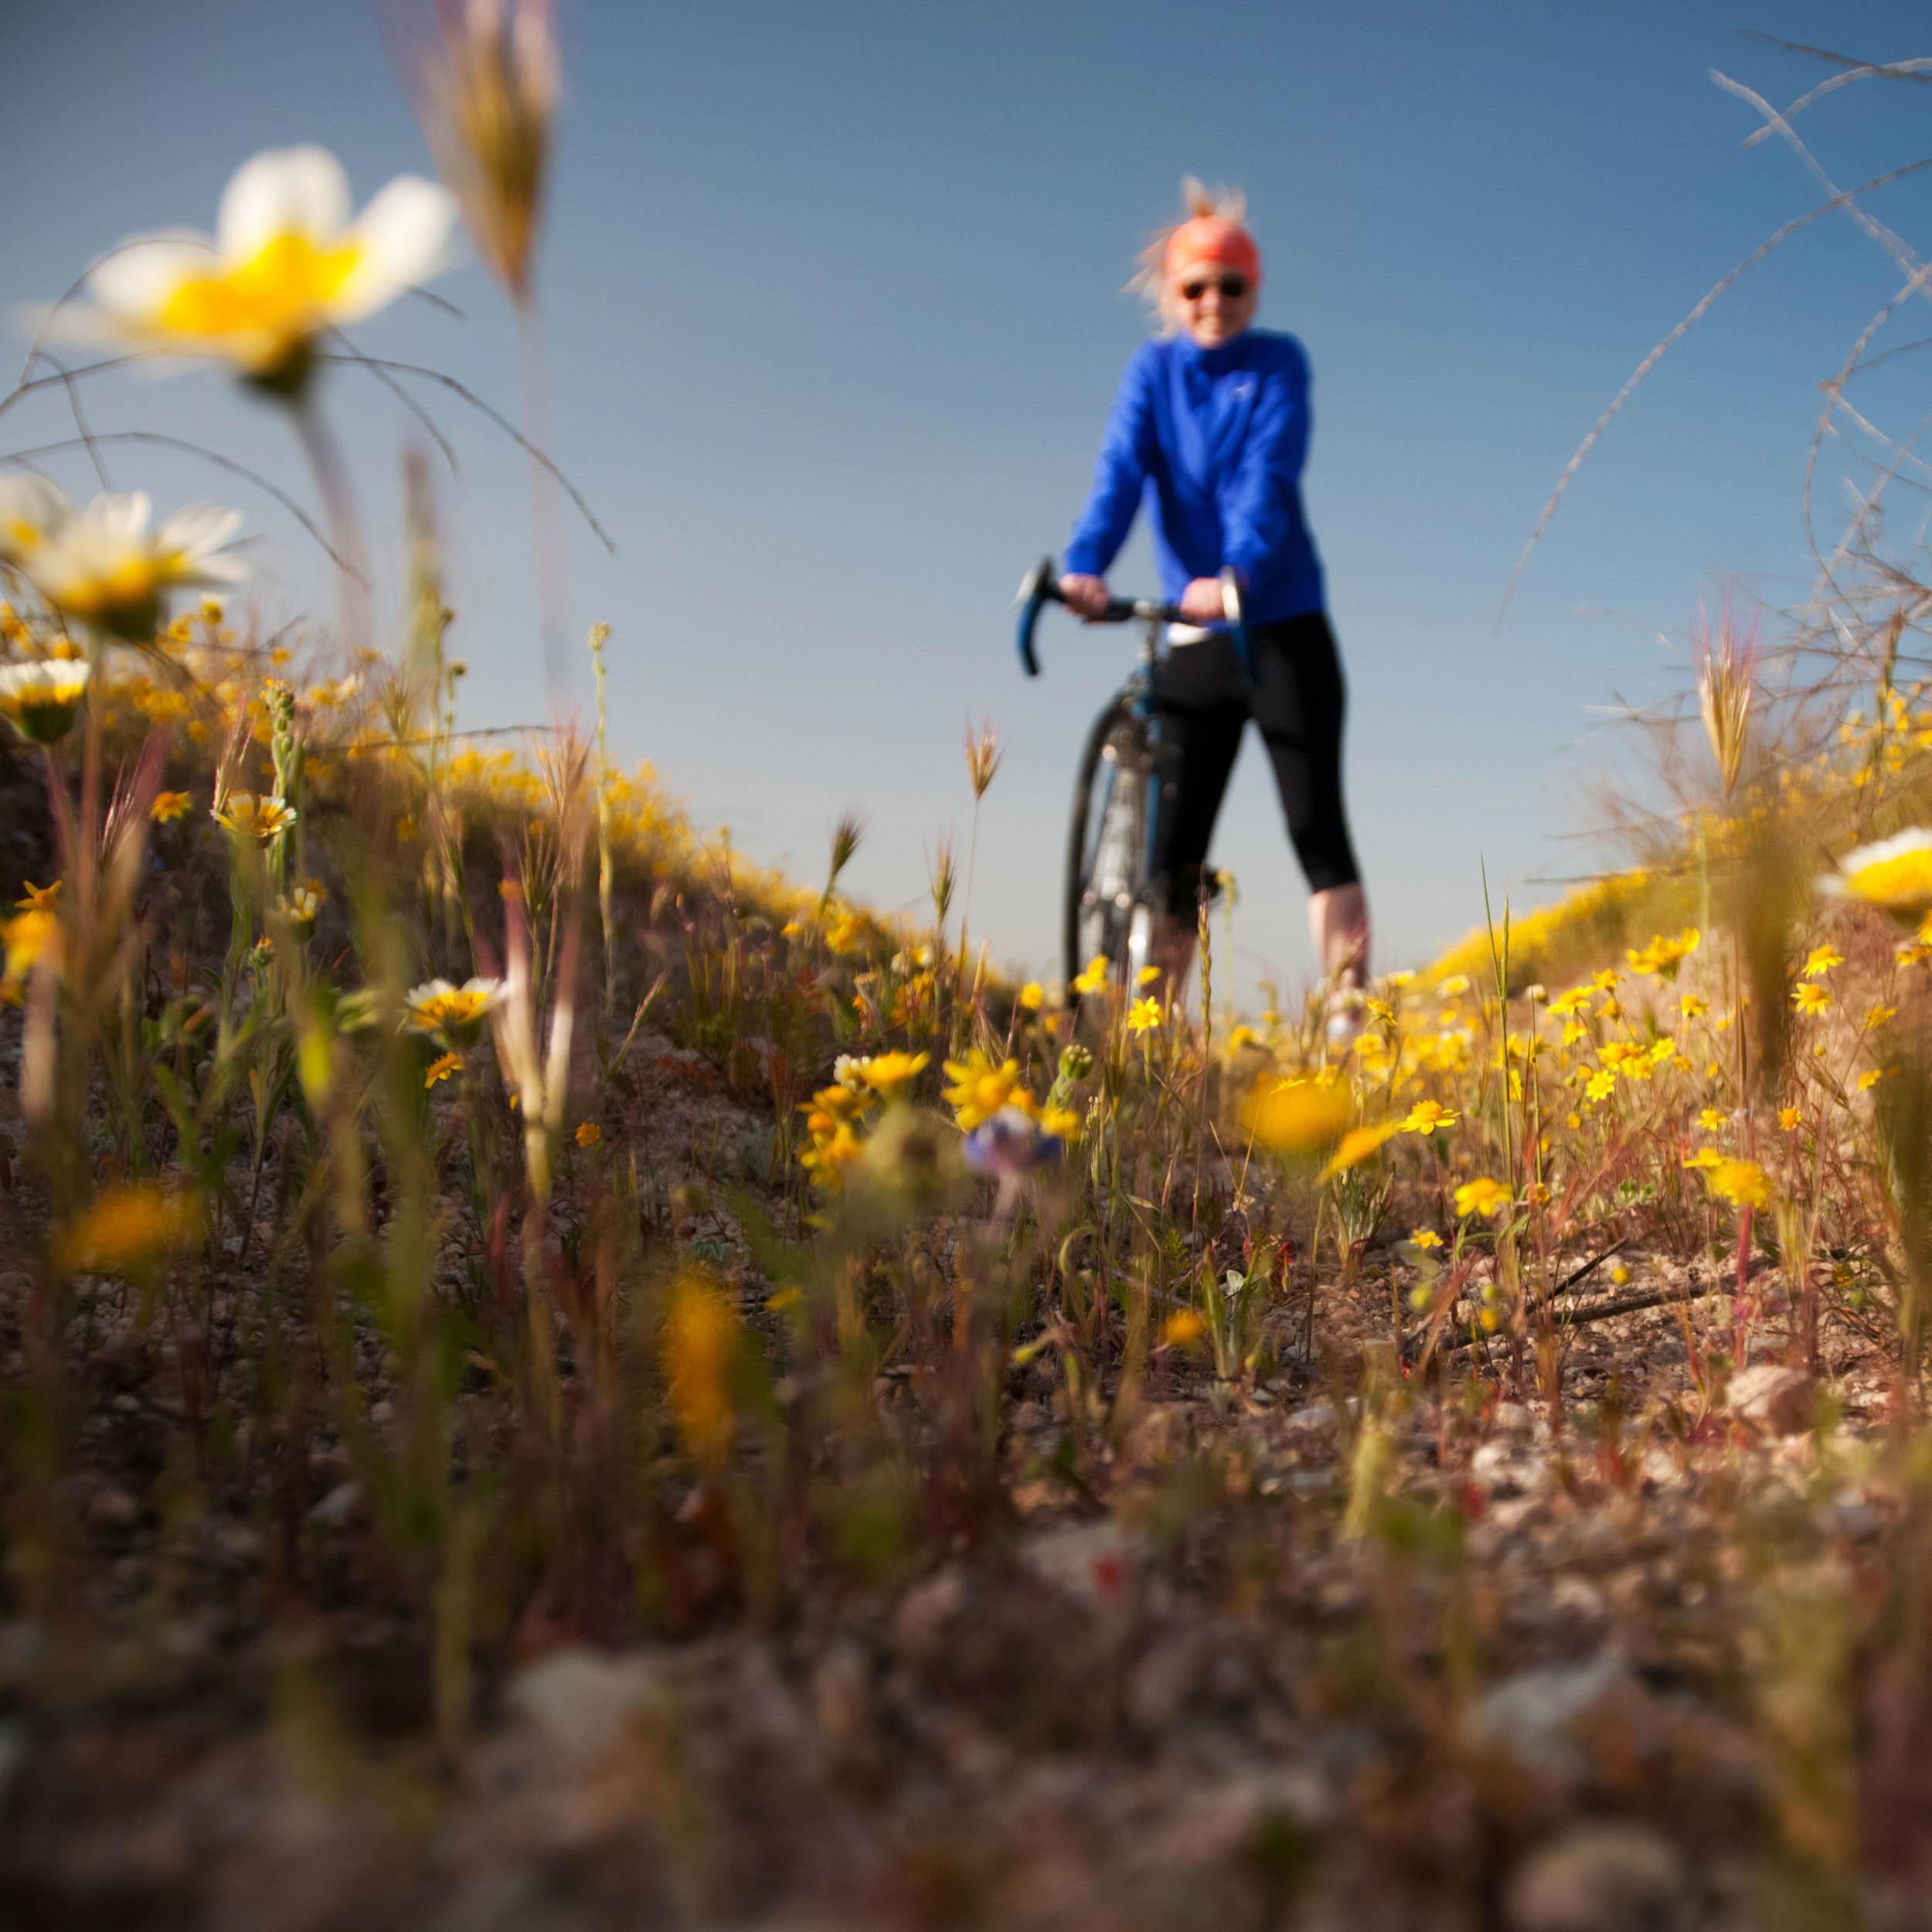 kman_cyclery_wildflowers_road_crop_w.jpg